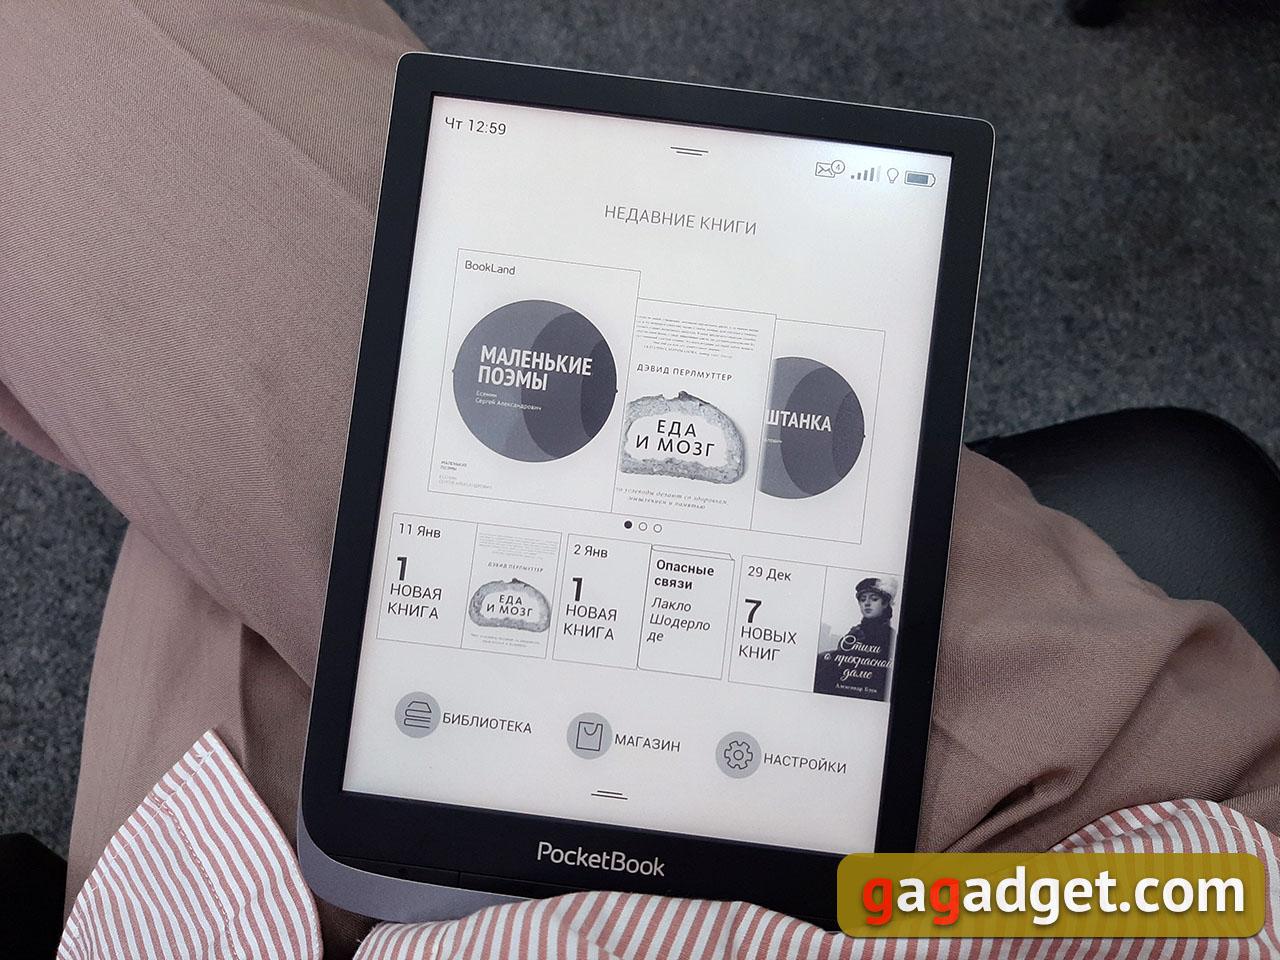 Обзор PocketBook InkPad 3 Pro: 16 оттенков серого на большом экране